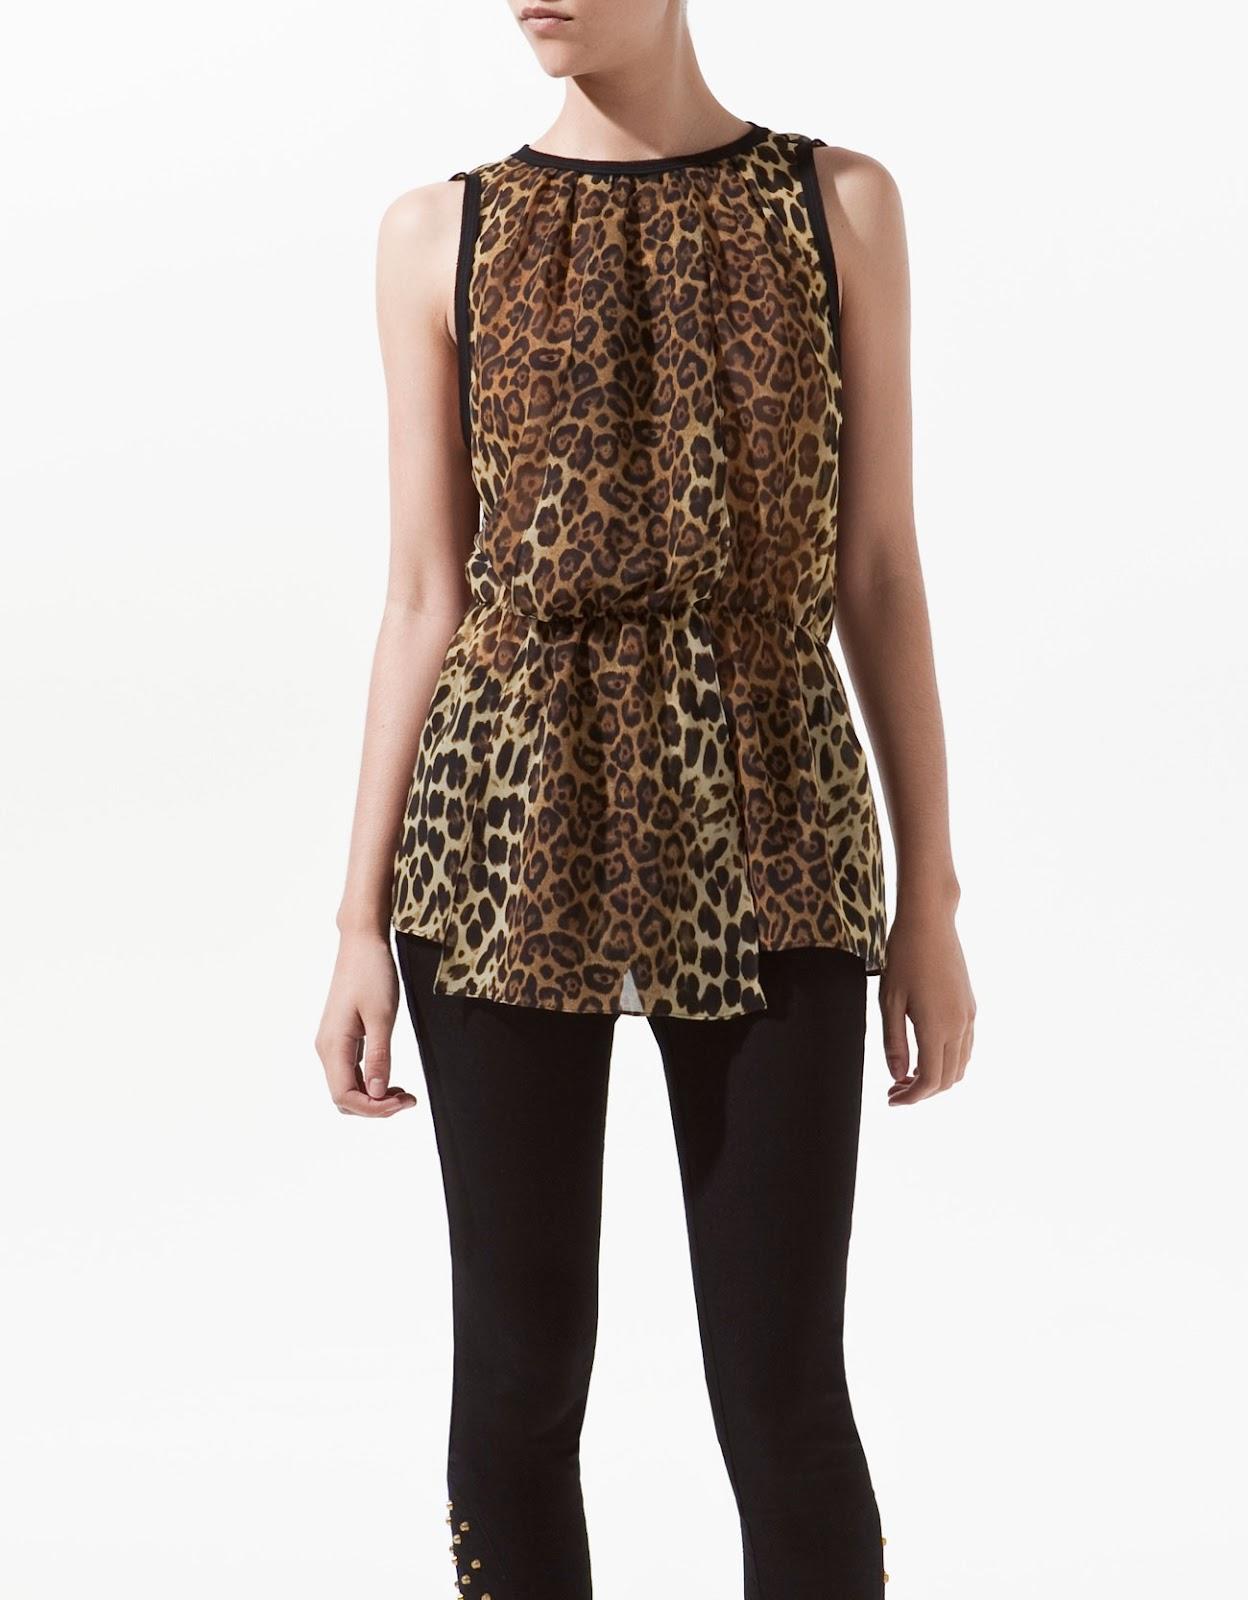 http://1.bp.blogspot.com/-9mMacCaR4ak/T9dxGBYOPFI/AAAAAAAACyE/ooZCBCcRMgs/s1600/leopard_chiffon_blouse.jpg